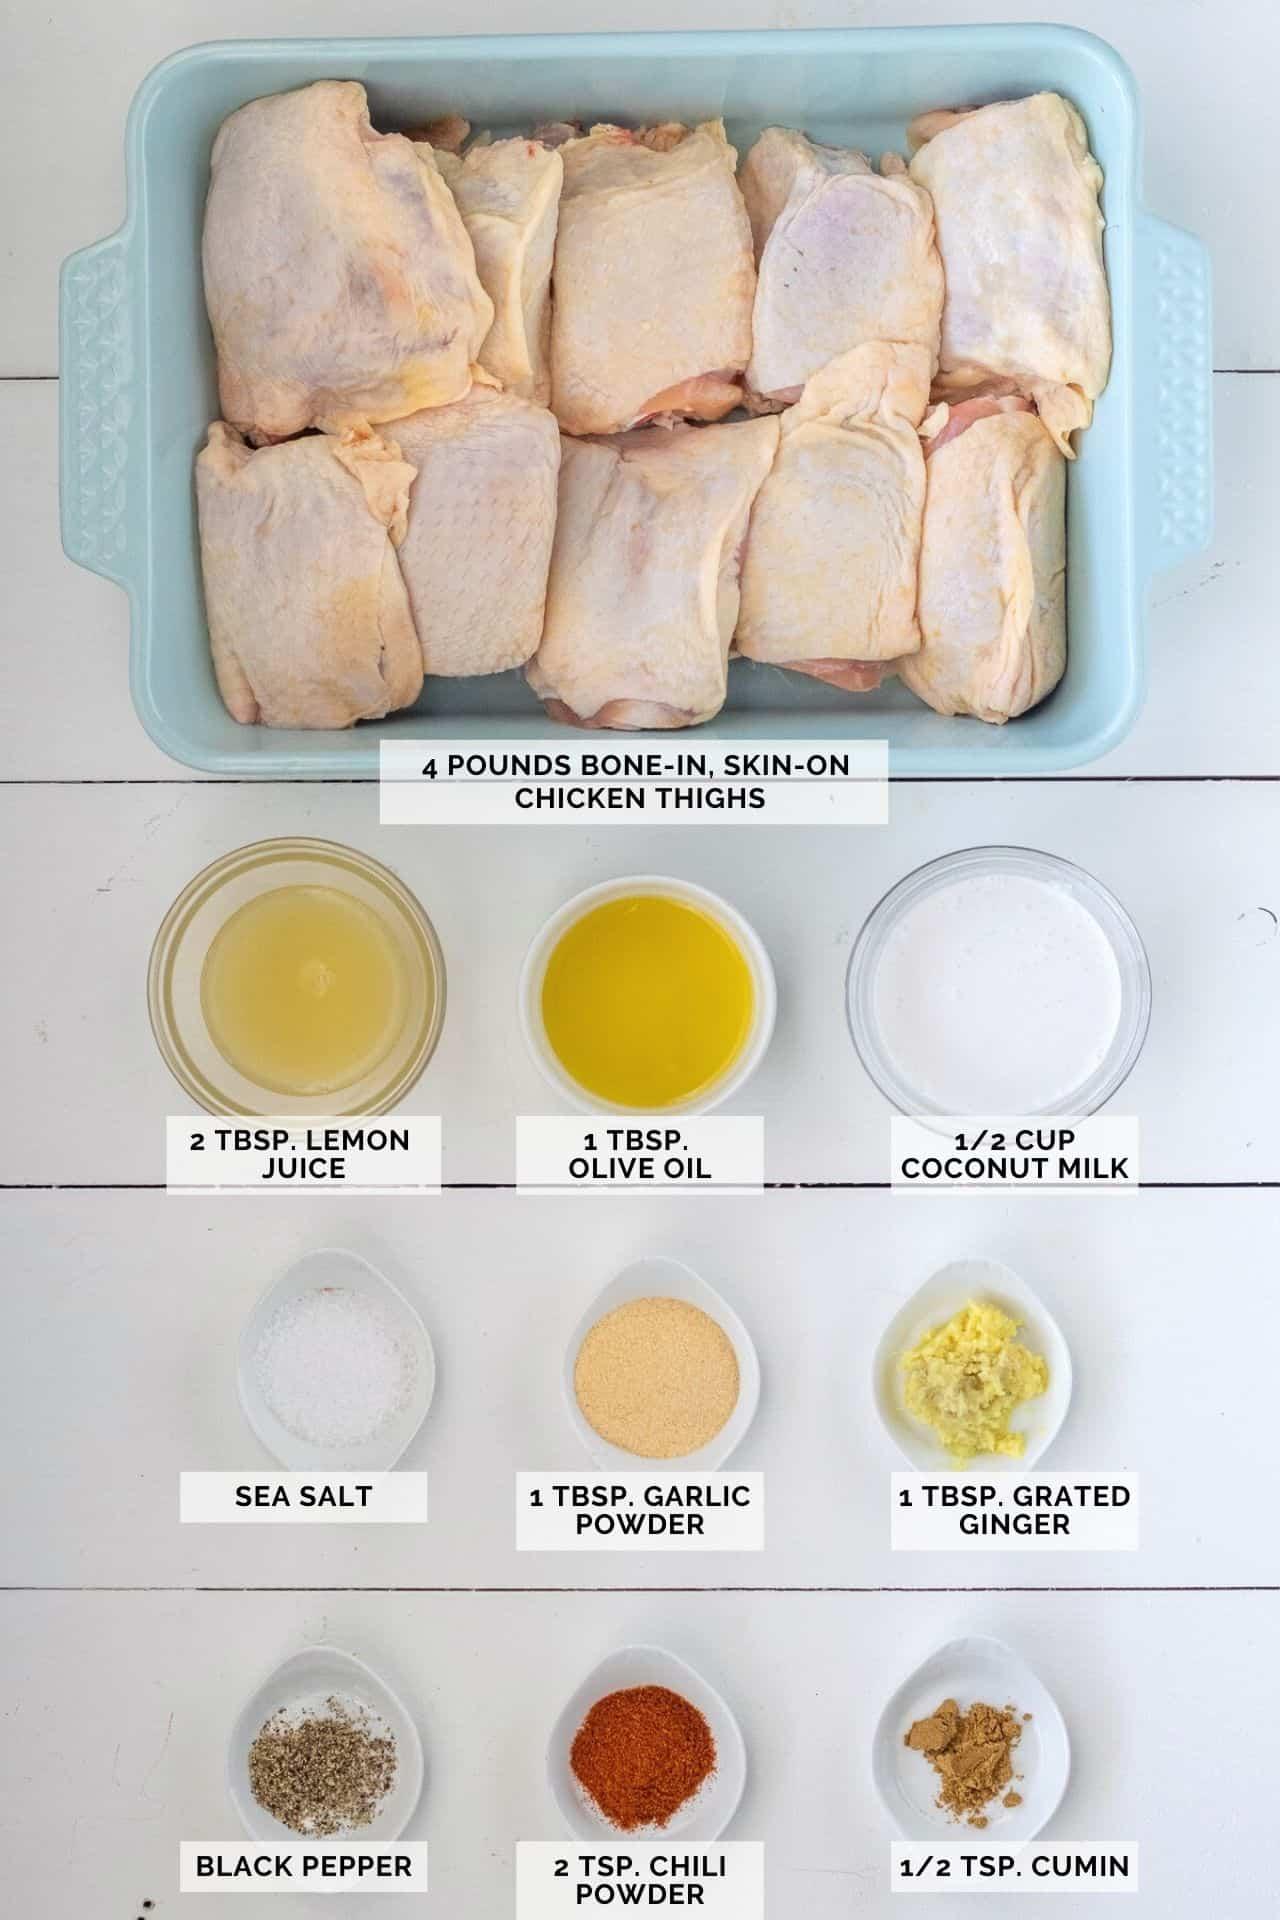 Ingredients needed to make garlic chili chicken thighs